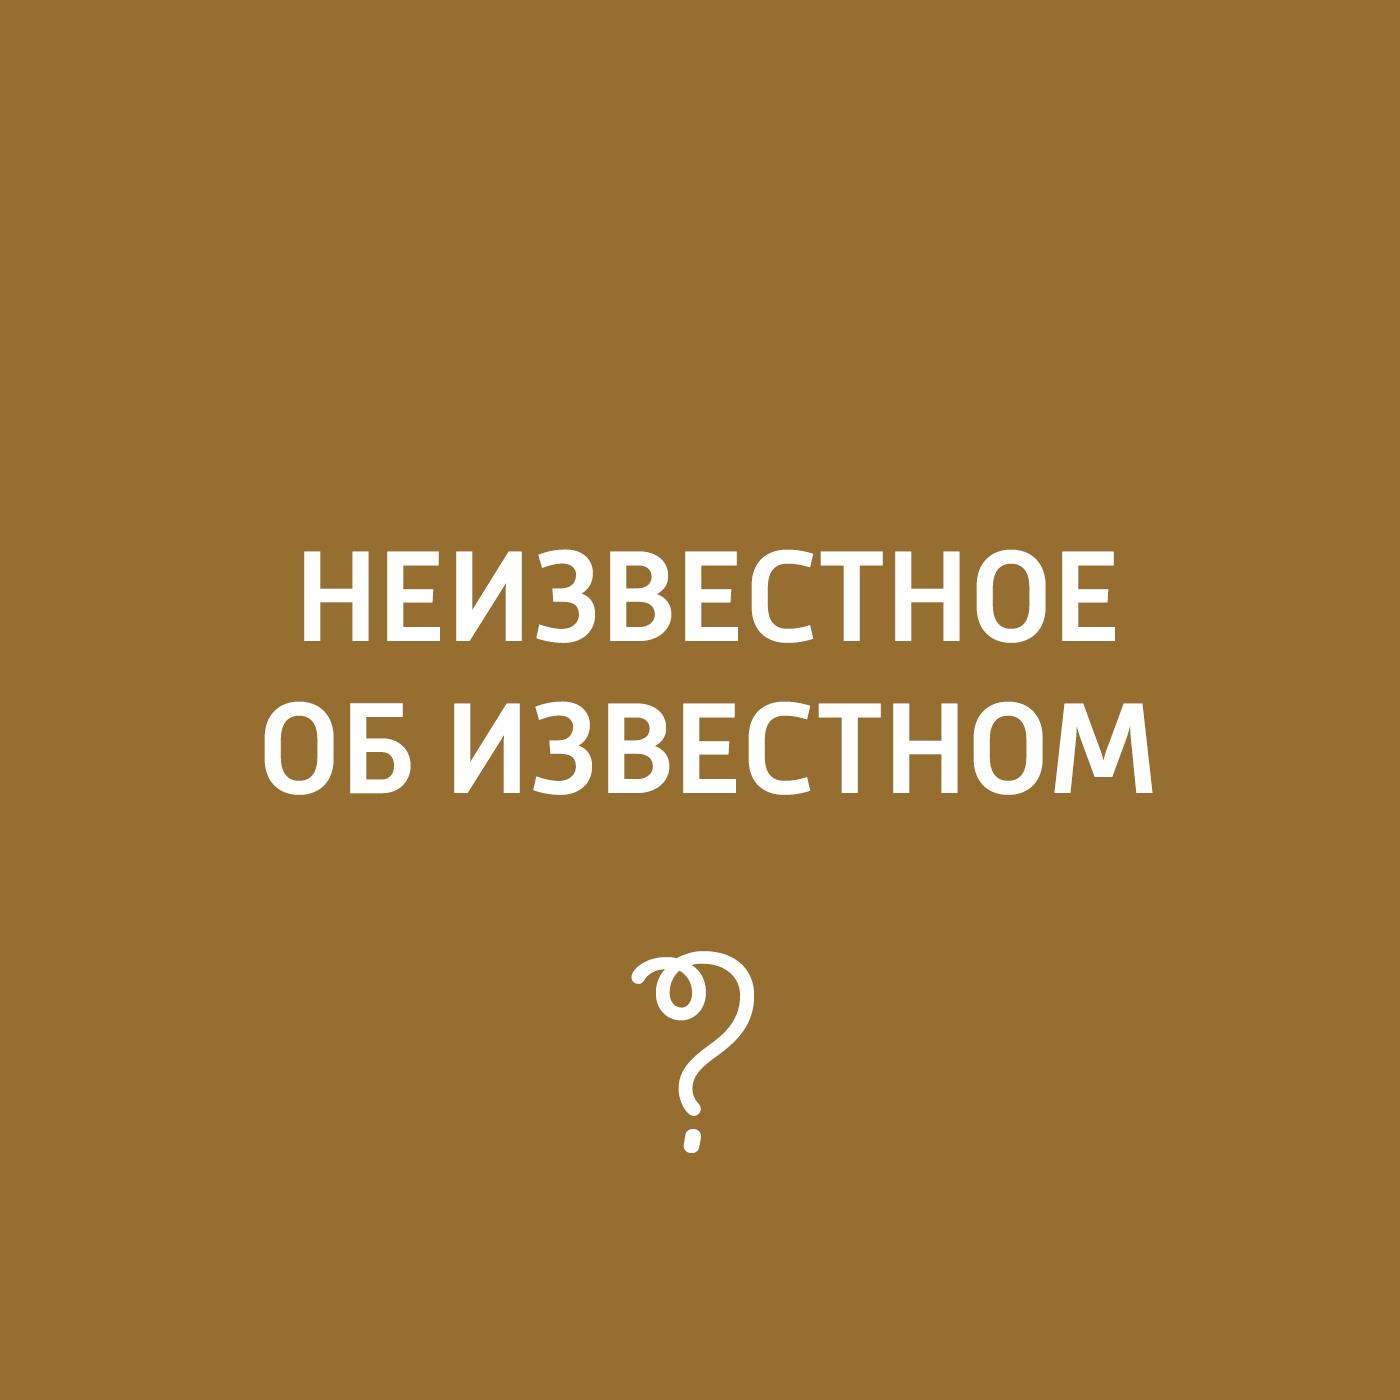 Архитектура Мельникова